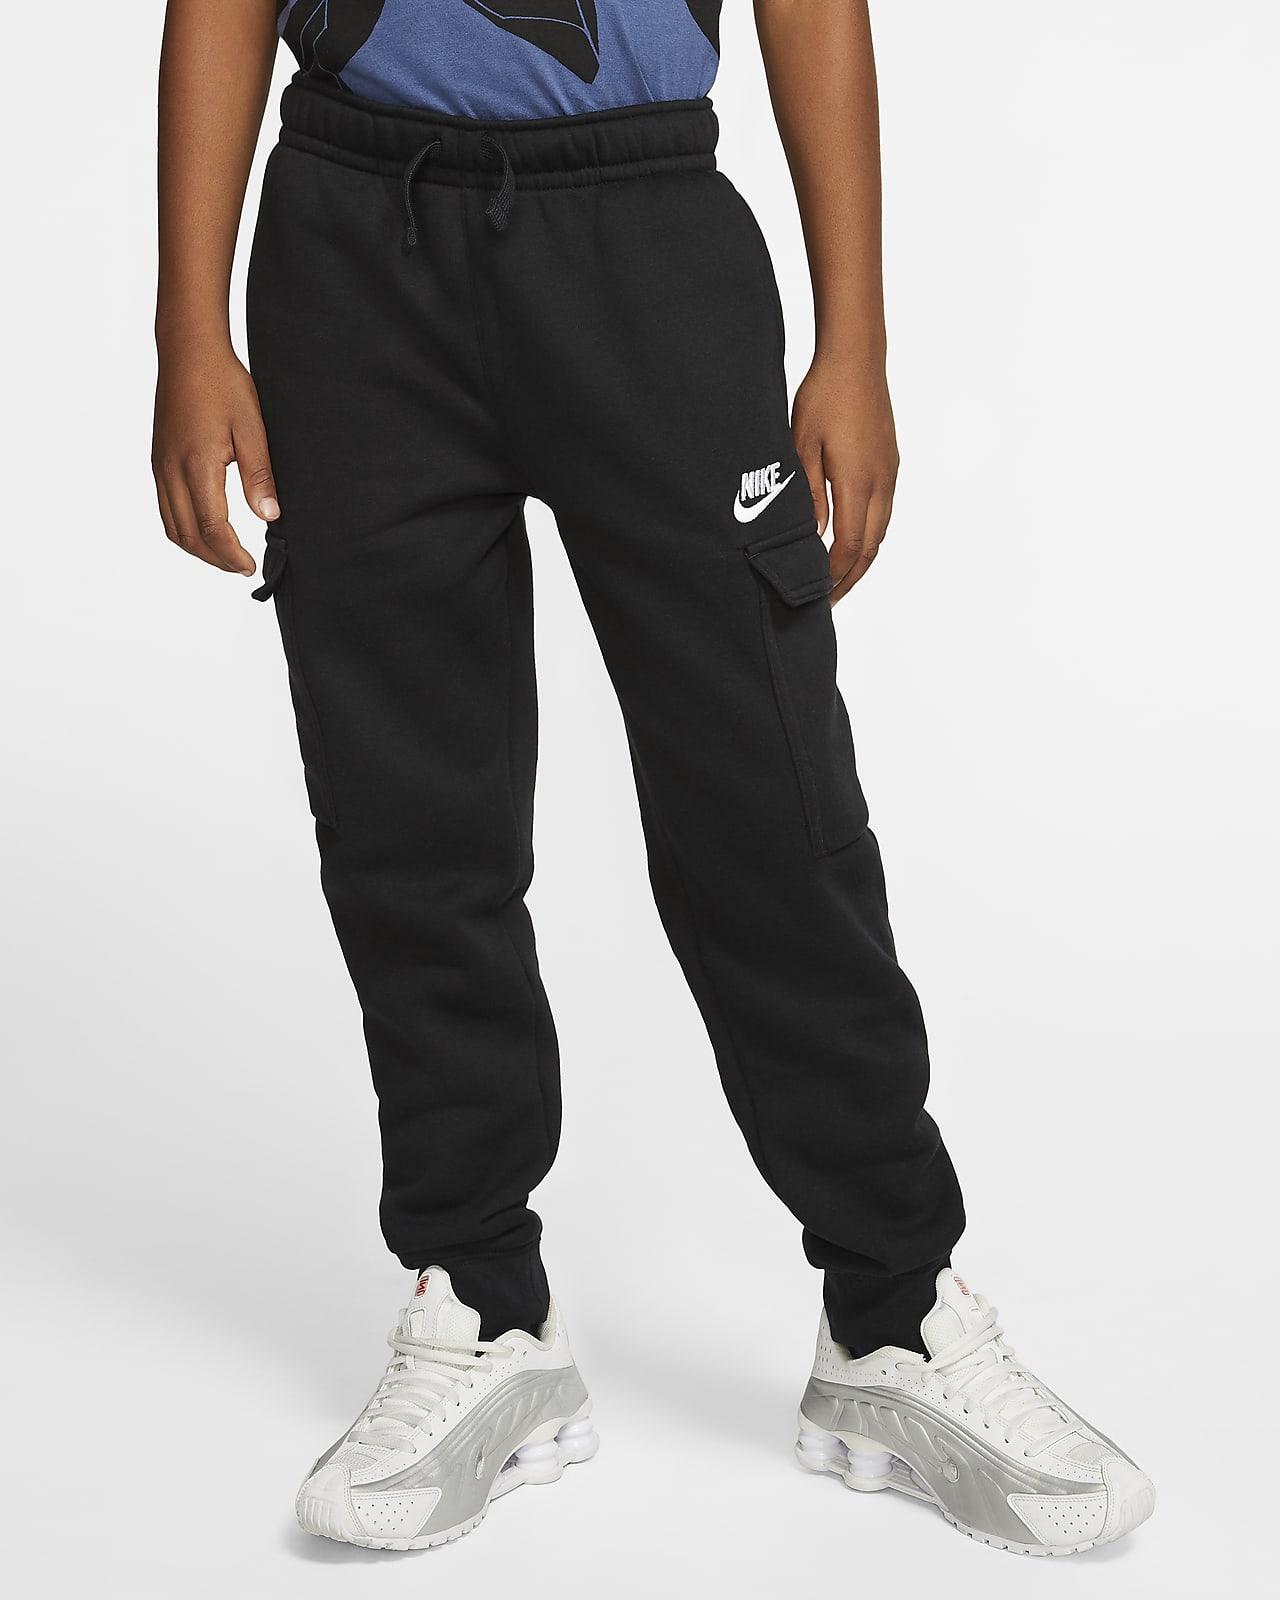 Kapsáčové kalhoty Nike Sportswear Club pro větší děti (chlapce)